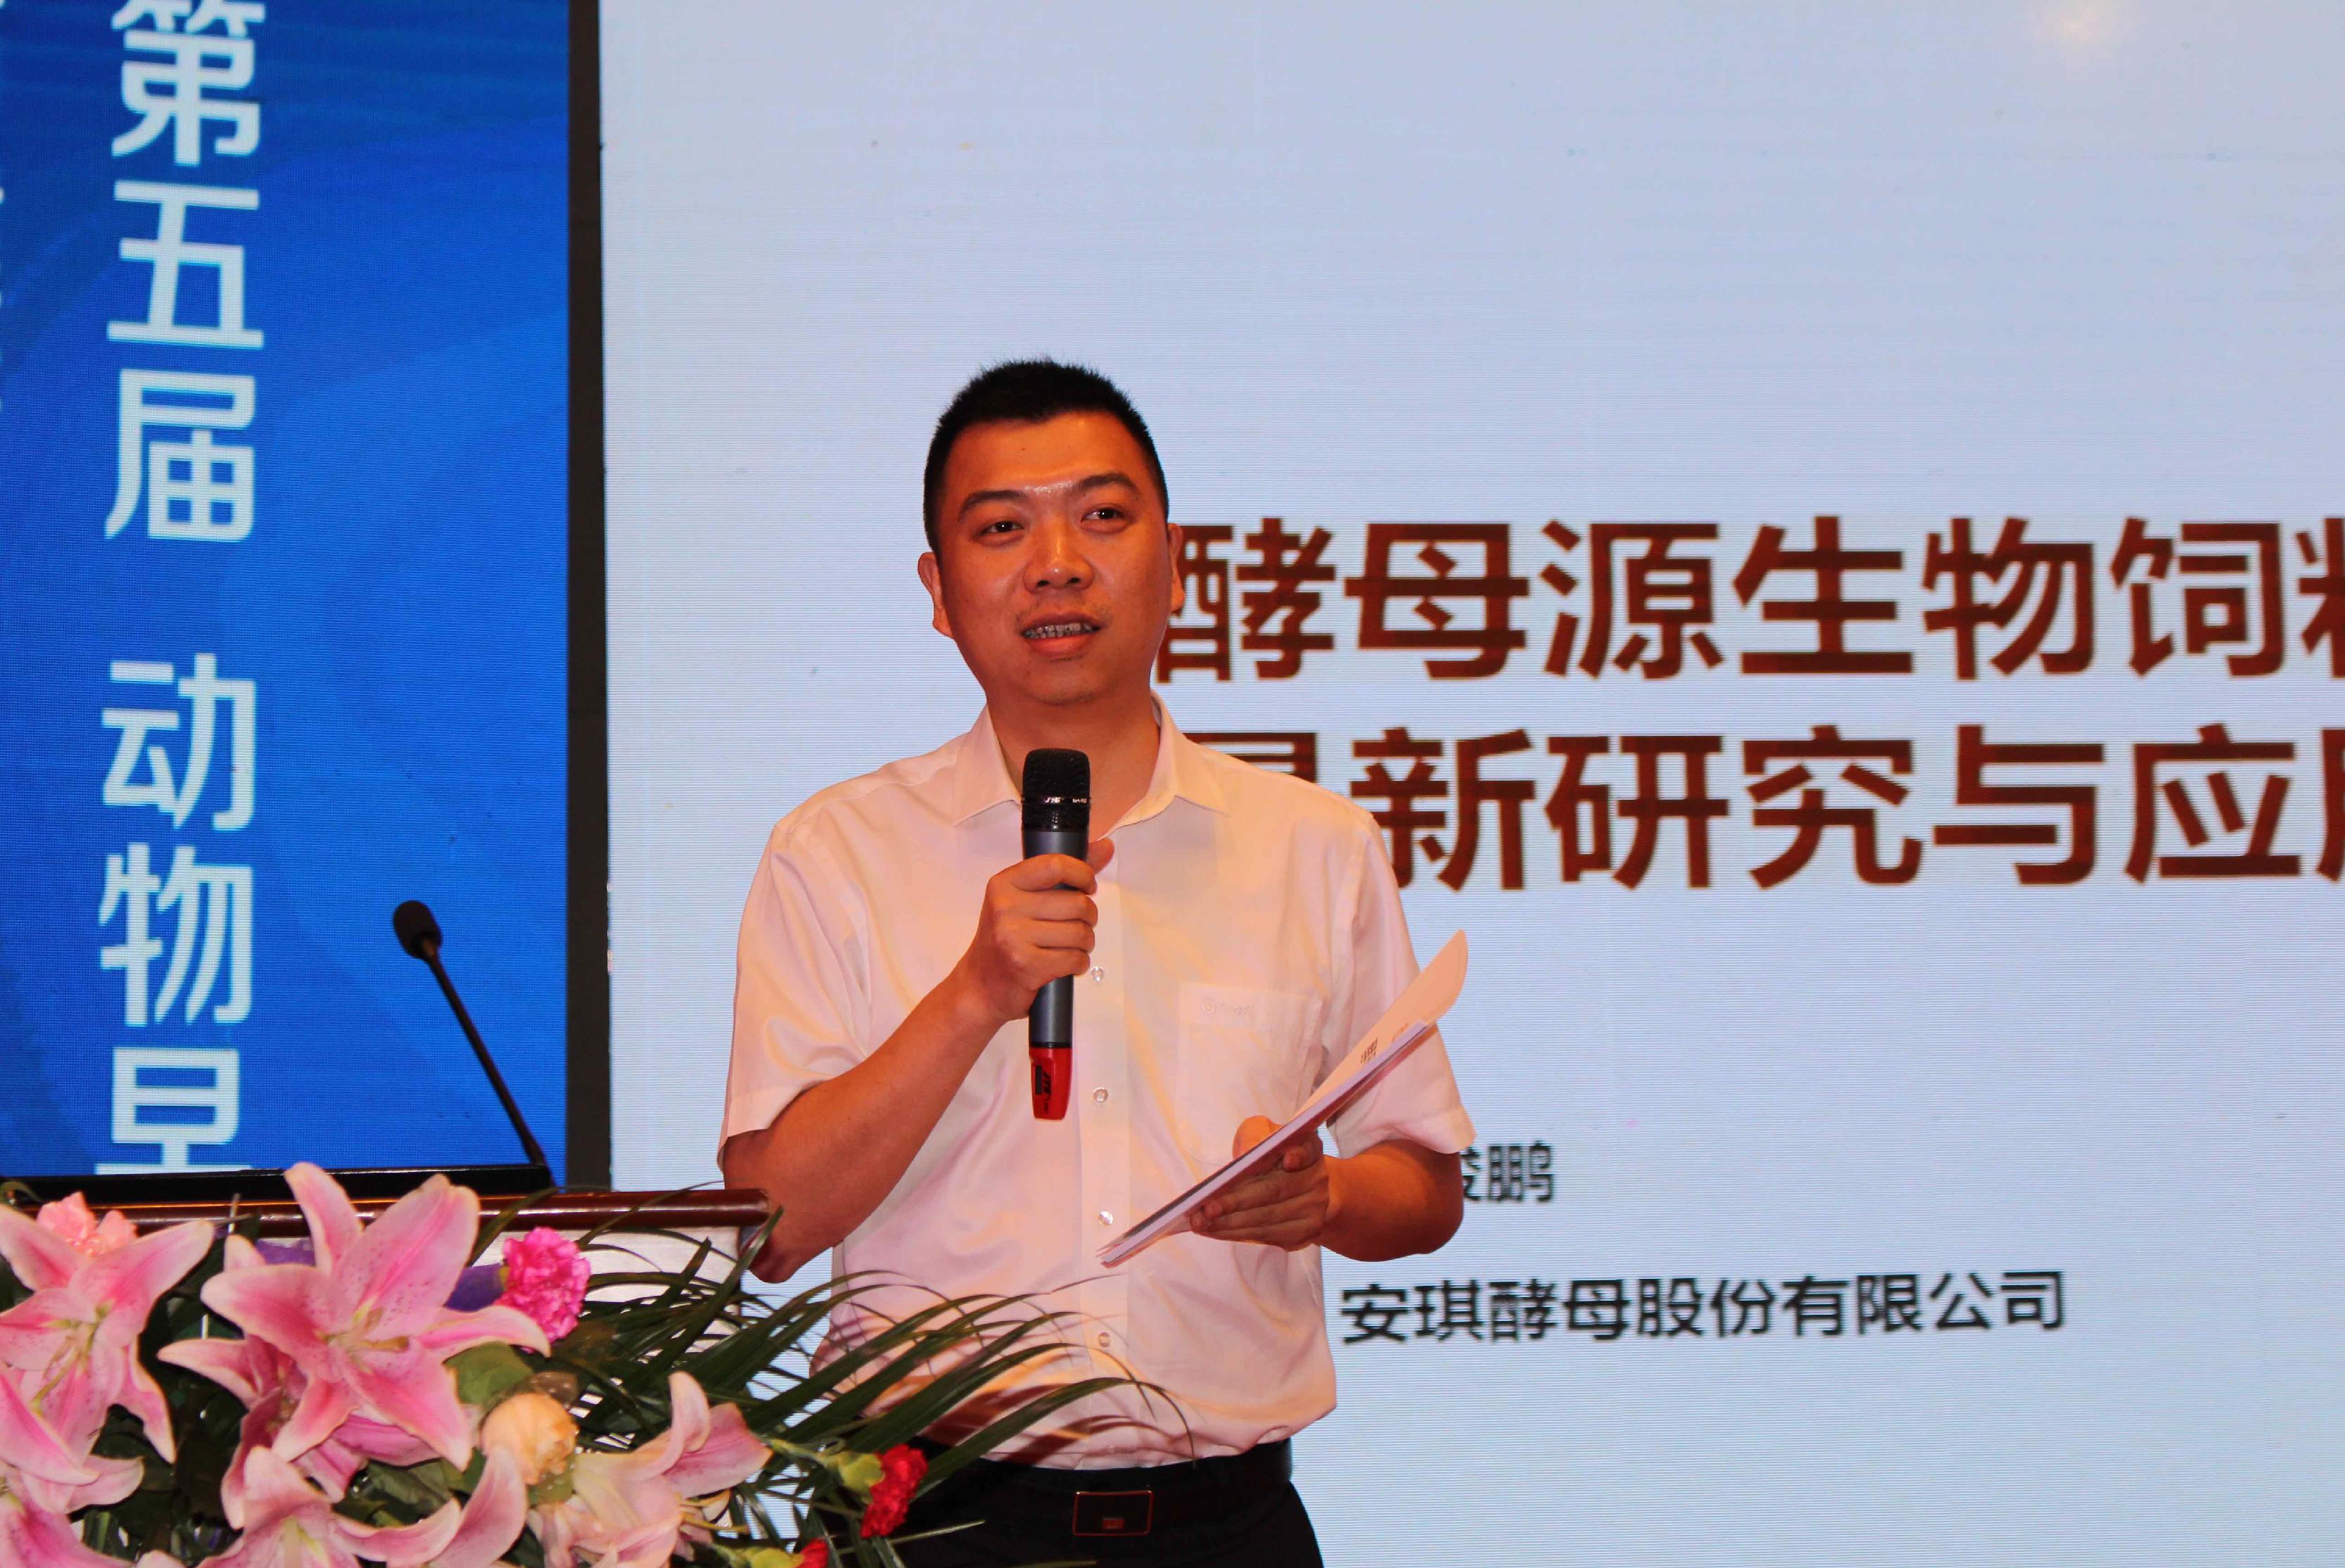 胡骏鹏:五类产品,四大解决方案助力饲料品质提升